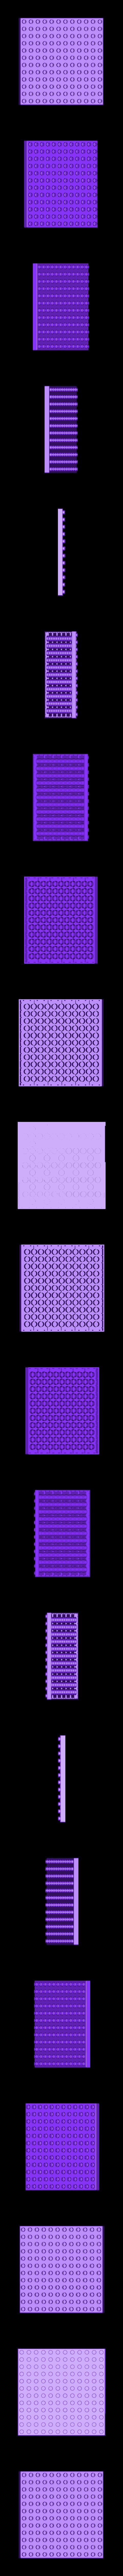 Efa4c9bb 4454 4d89 ab92 8c6a5c80dc6c